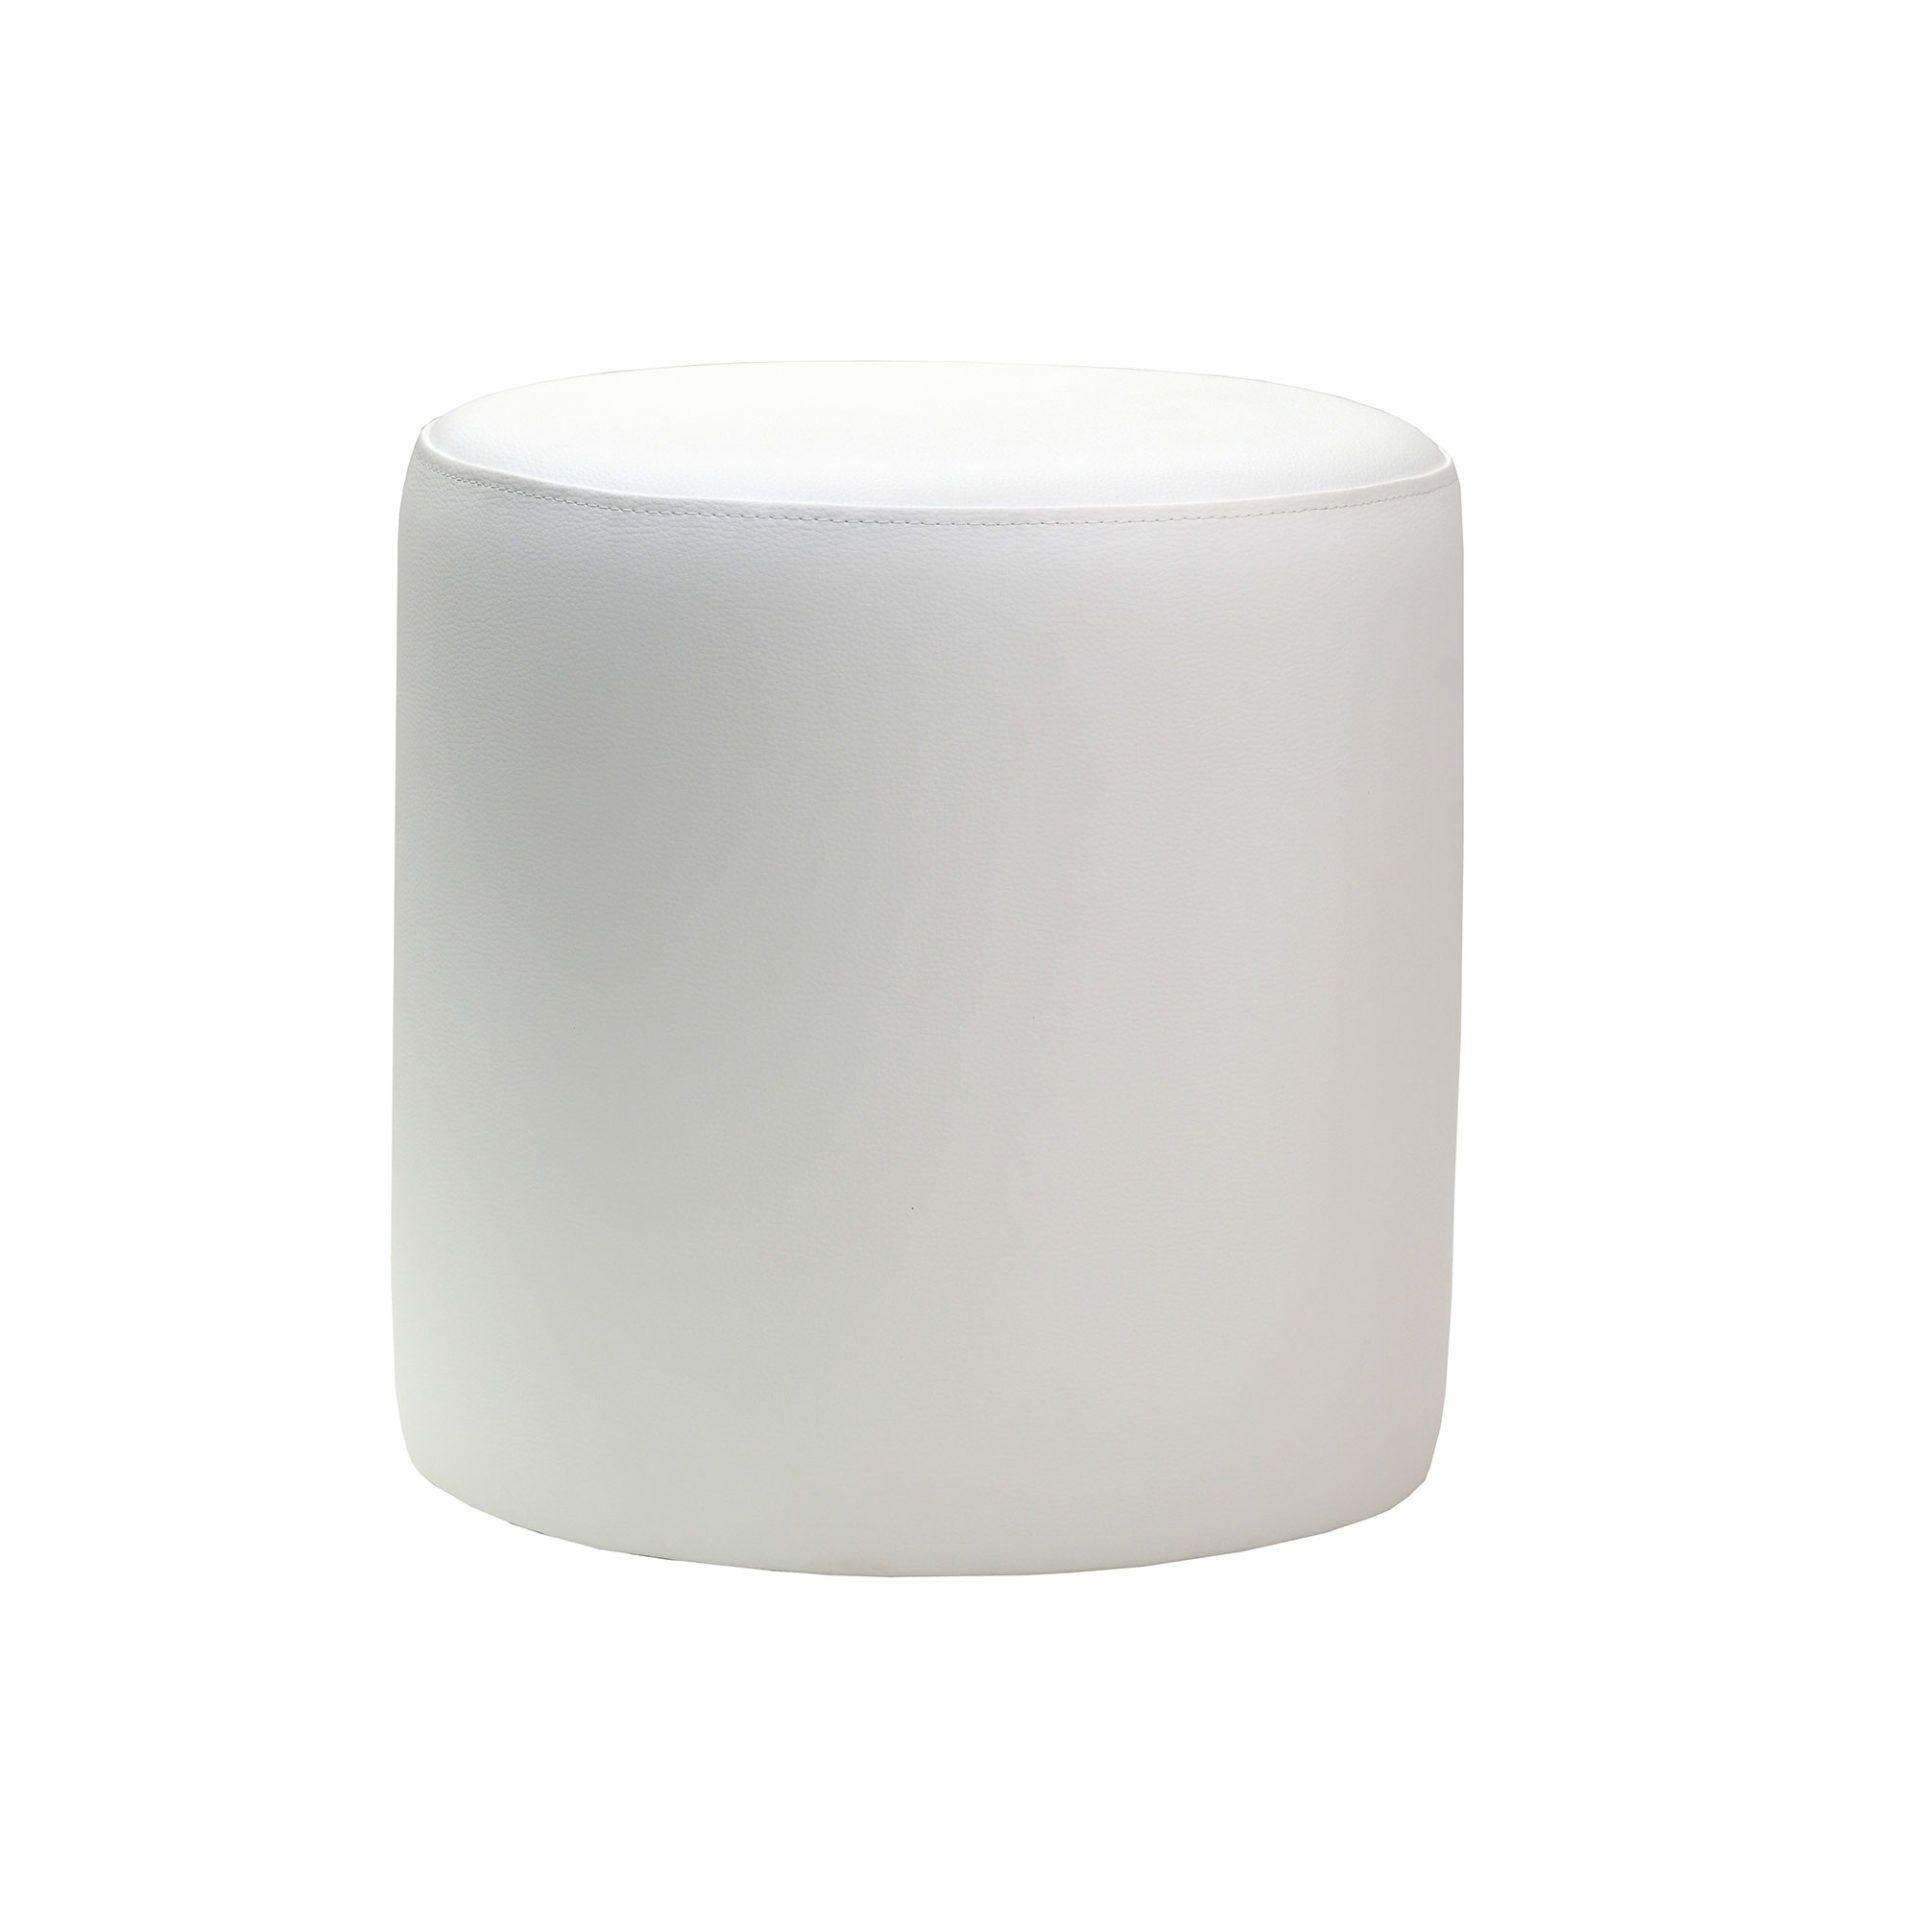 roundottoman white